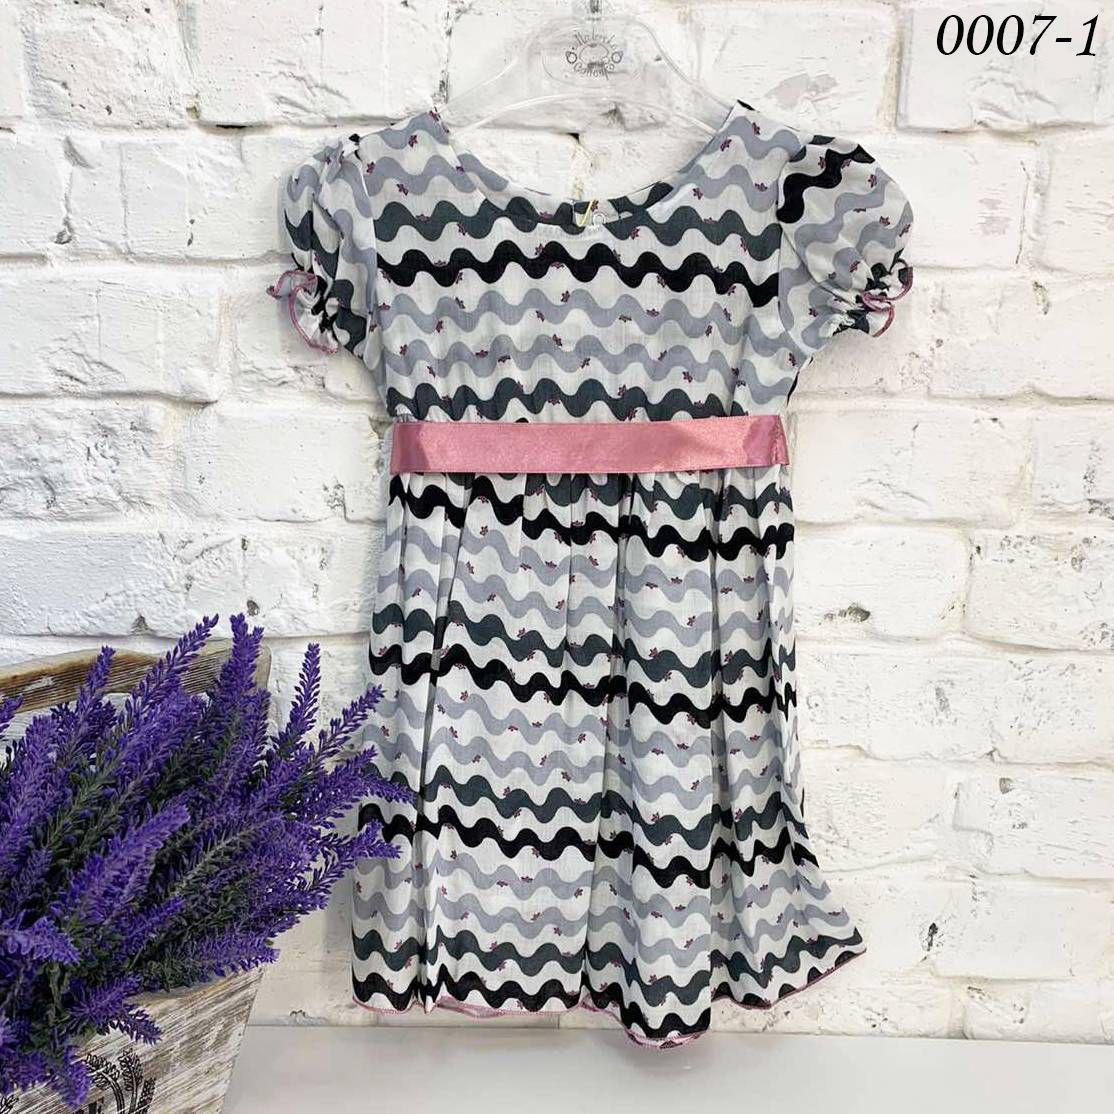 Сукня дитяча для дівчинки. Вік 1 -4 роки. Літо 2021. Топ продажу!!! * НОВИНКА *